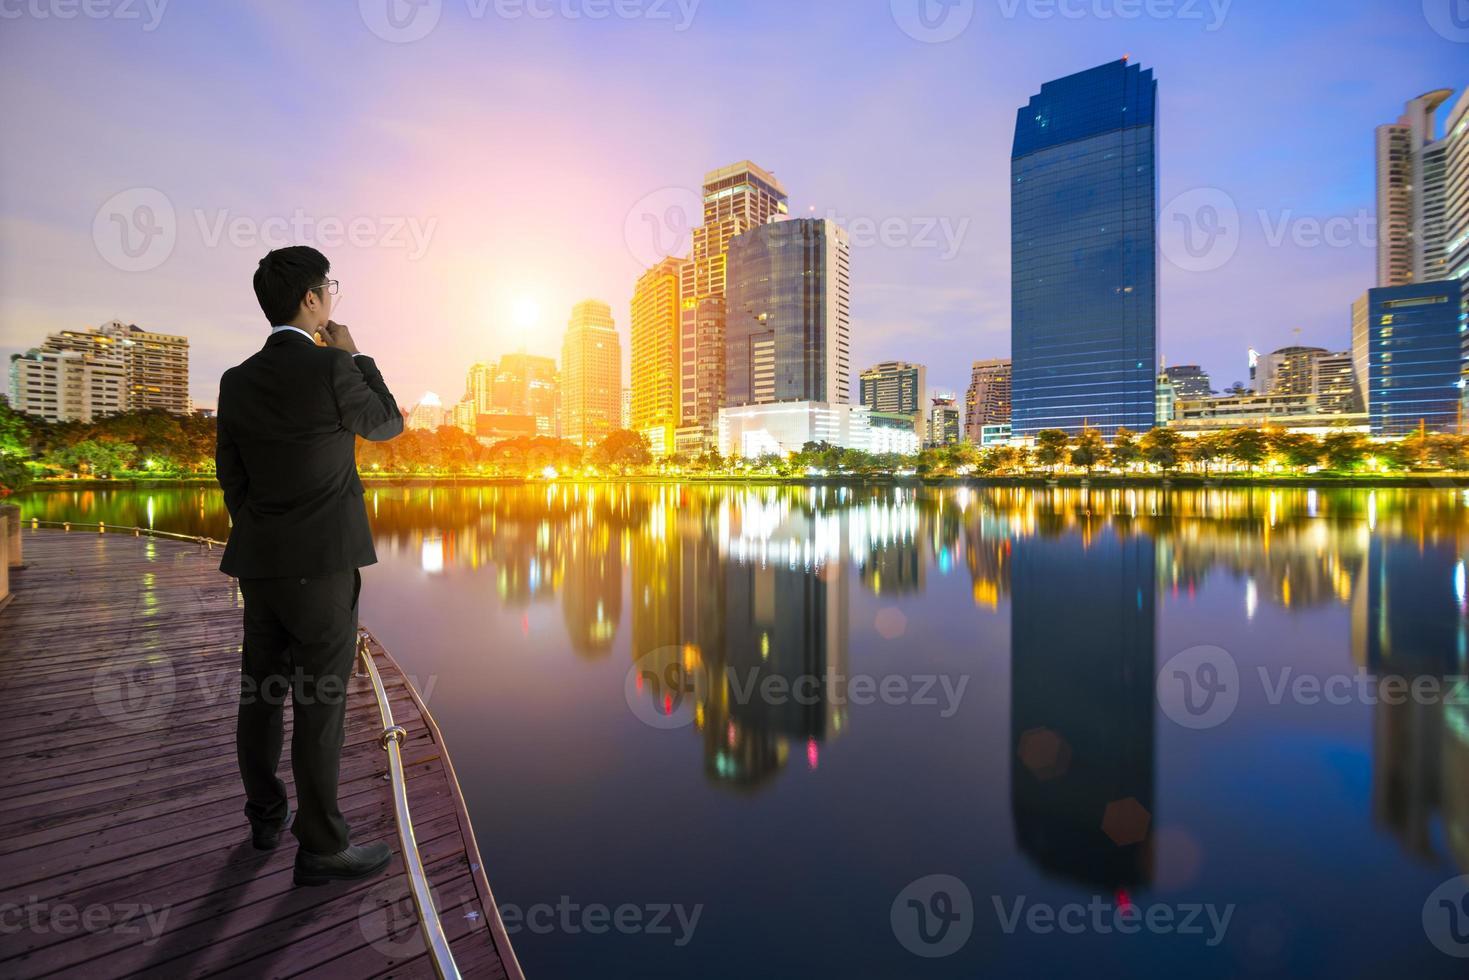 zakenman kijken naar de stad bij zonsopgang foto